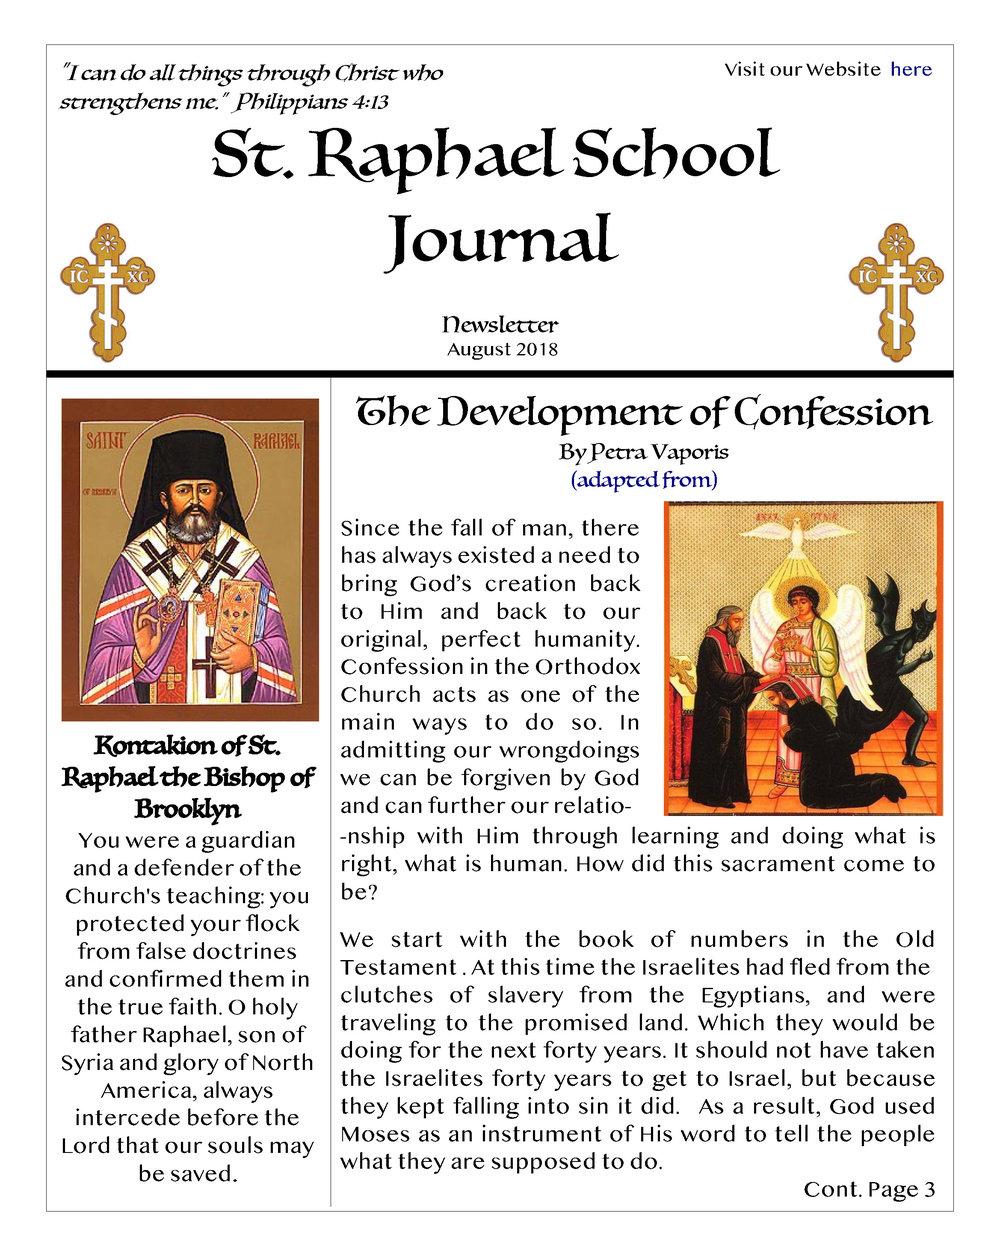 RaphaelSchoolJournalAugust'18Newsletter 1.jpg